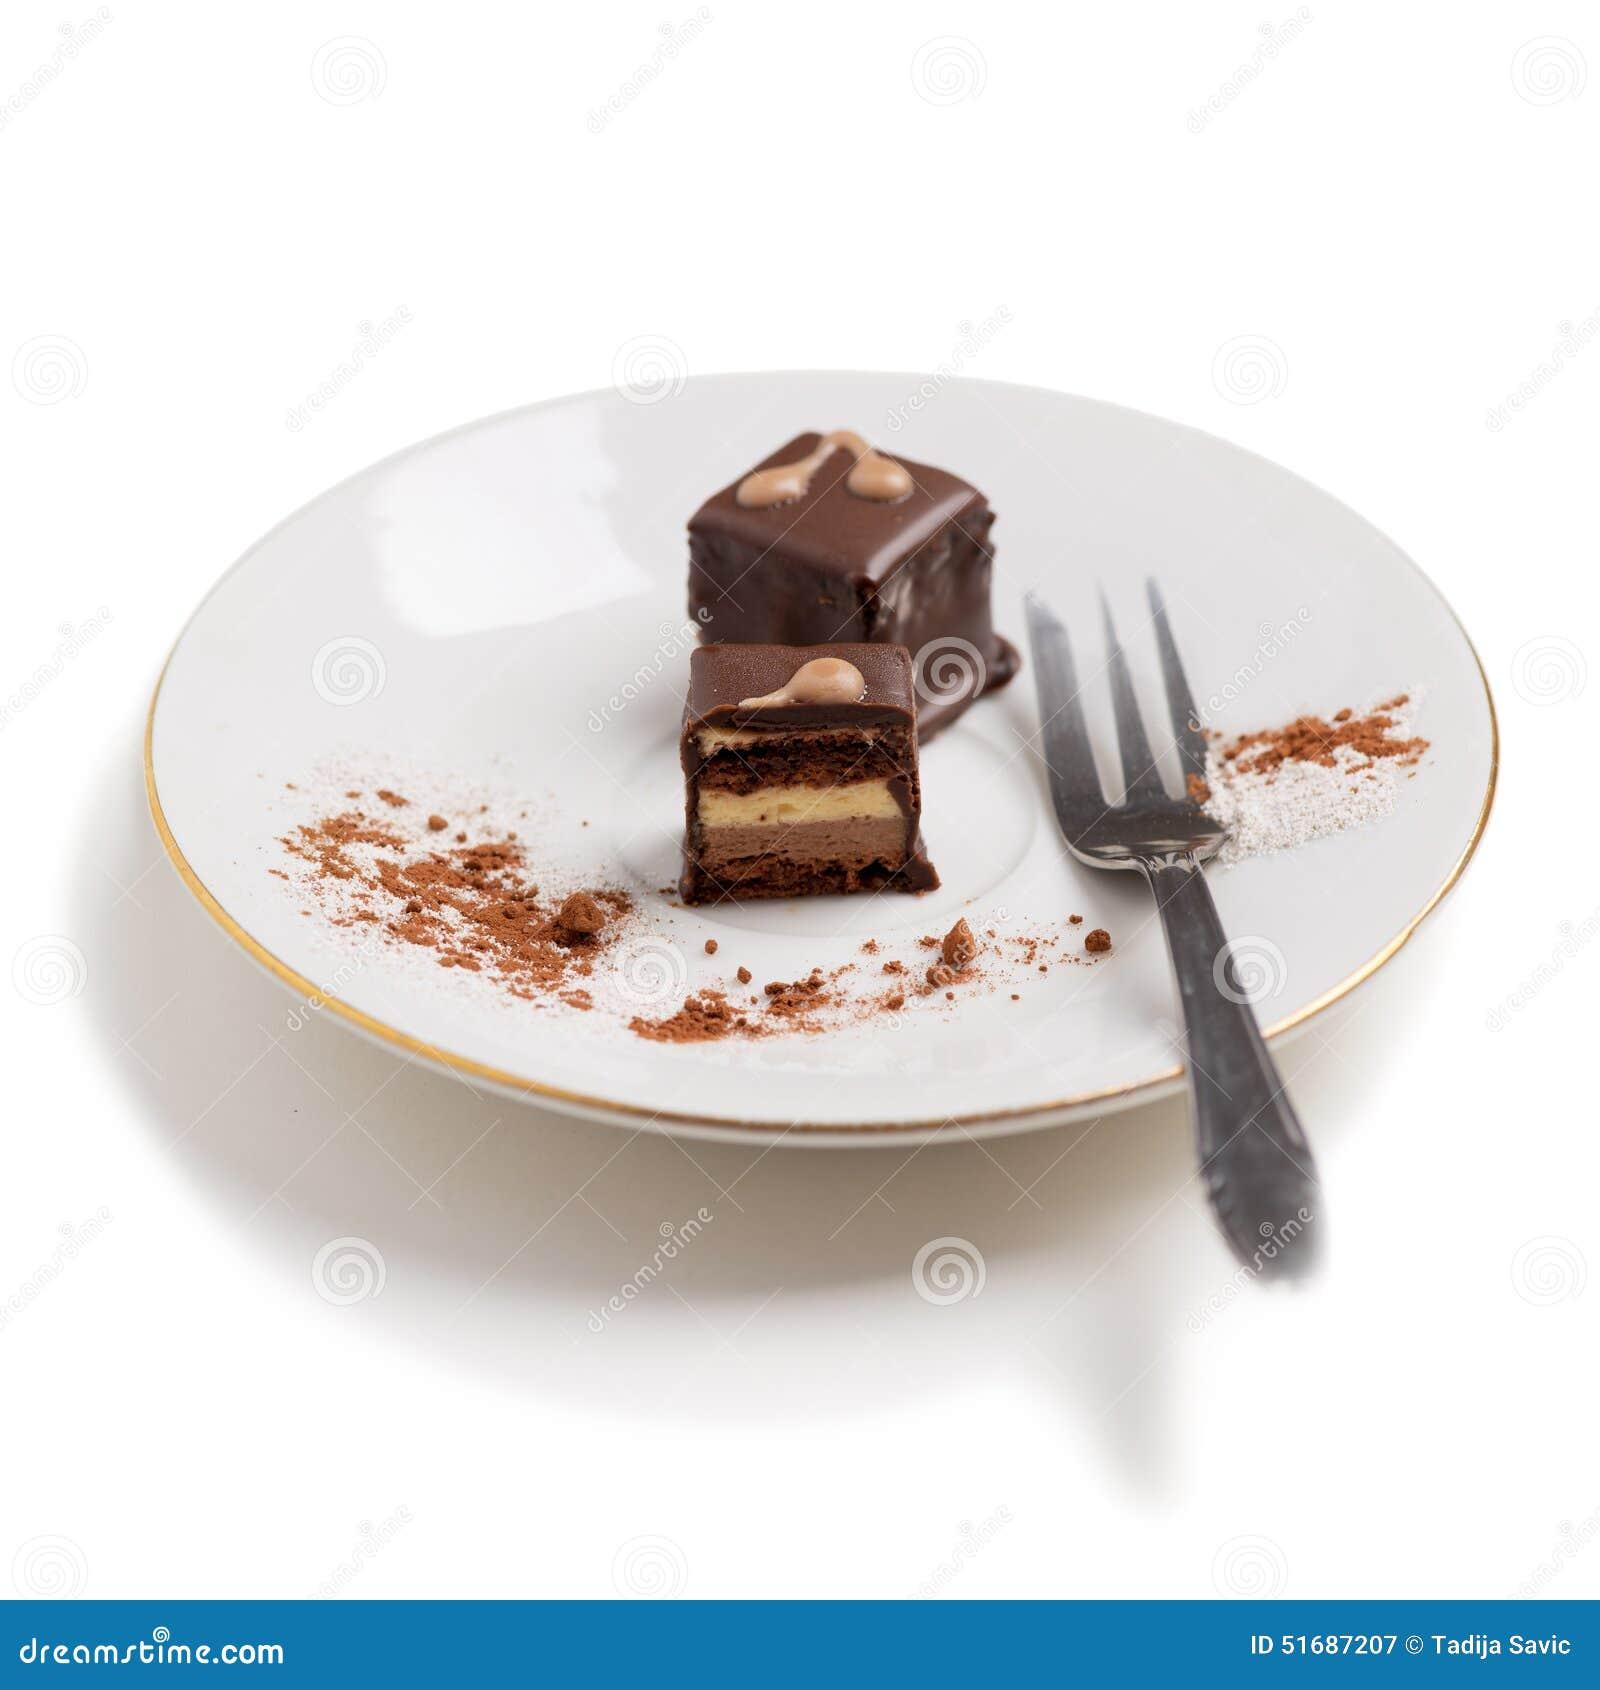 纹理和使用的成份这个蛋糕的是可看见的 一位专业食物美发师为这个